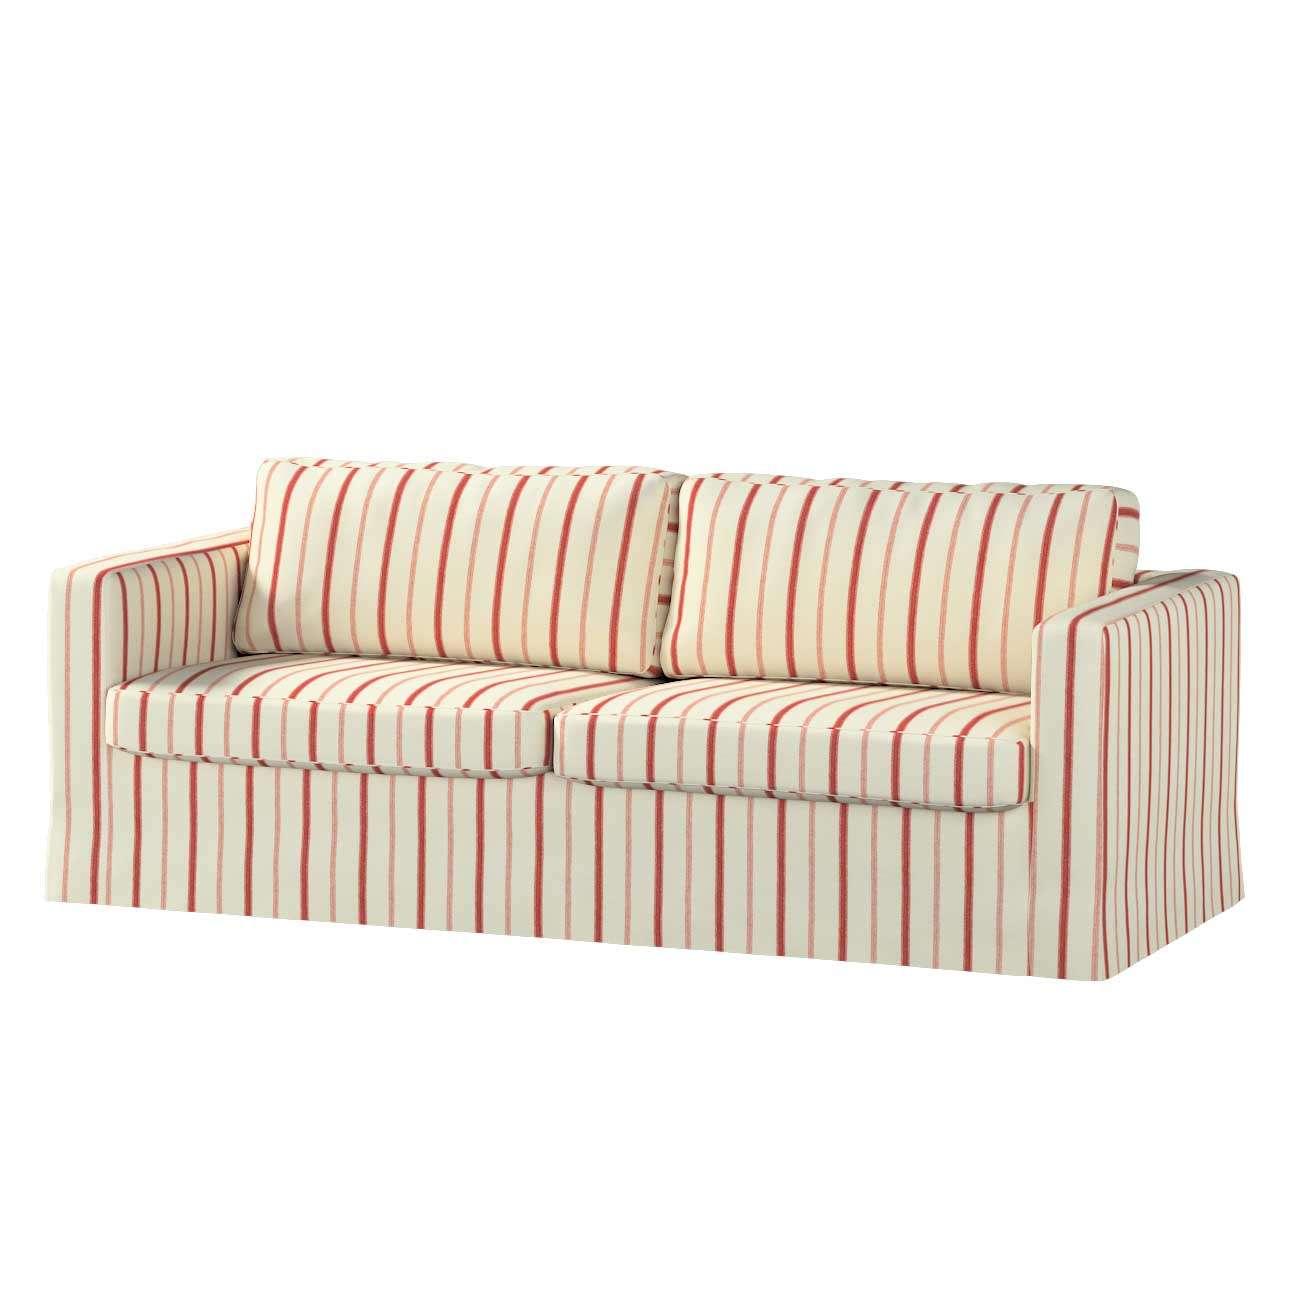 Karlstad 3-Sitzer Sofabezug nicht ausklappbar lang Sofahusse, Karlstad 3-Sitzer von der Kollektion Avinon, Stoff: 129-15